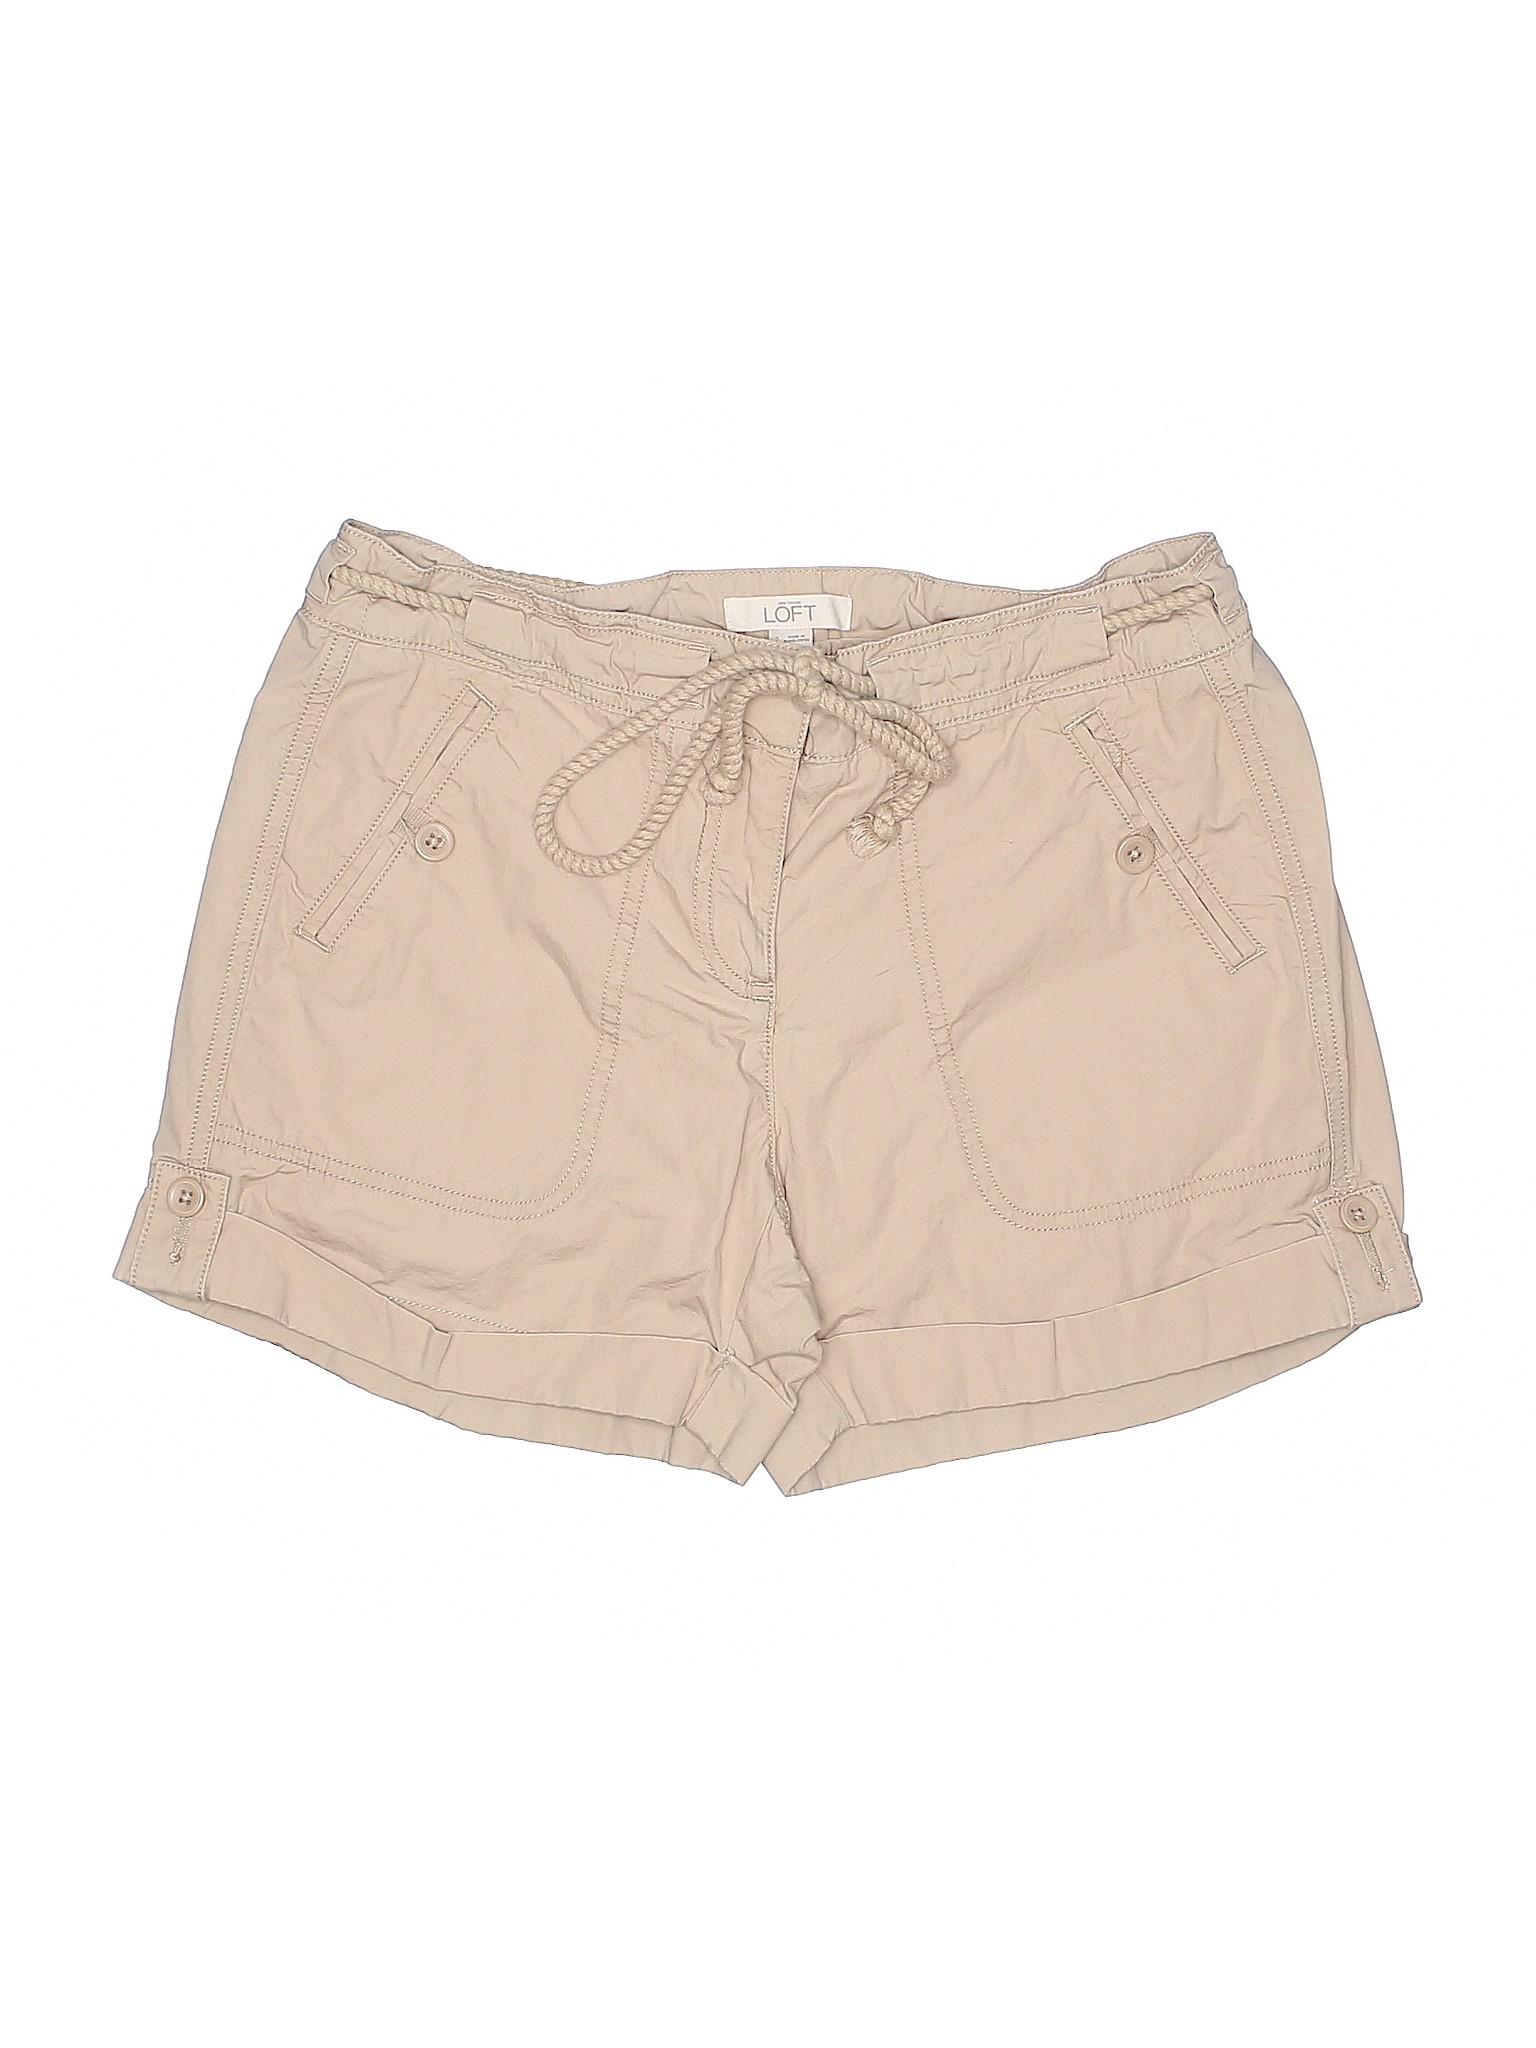 Shorts Boutique Ann Taylor Loft Leisure wq6nfAHCxF